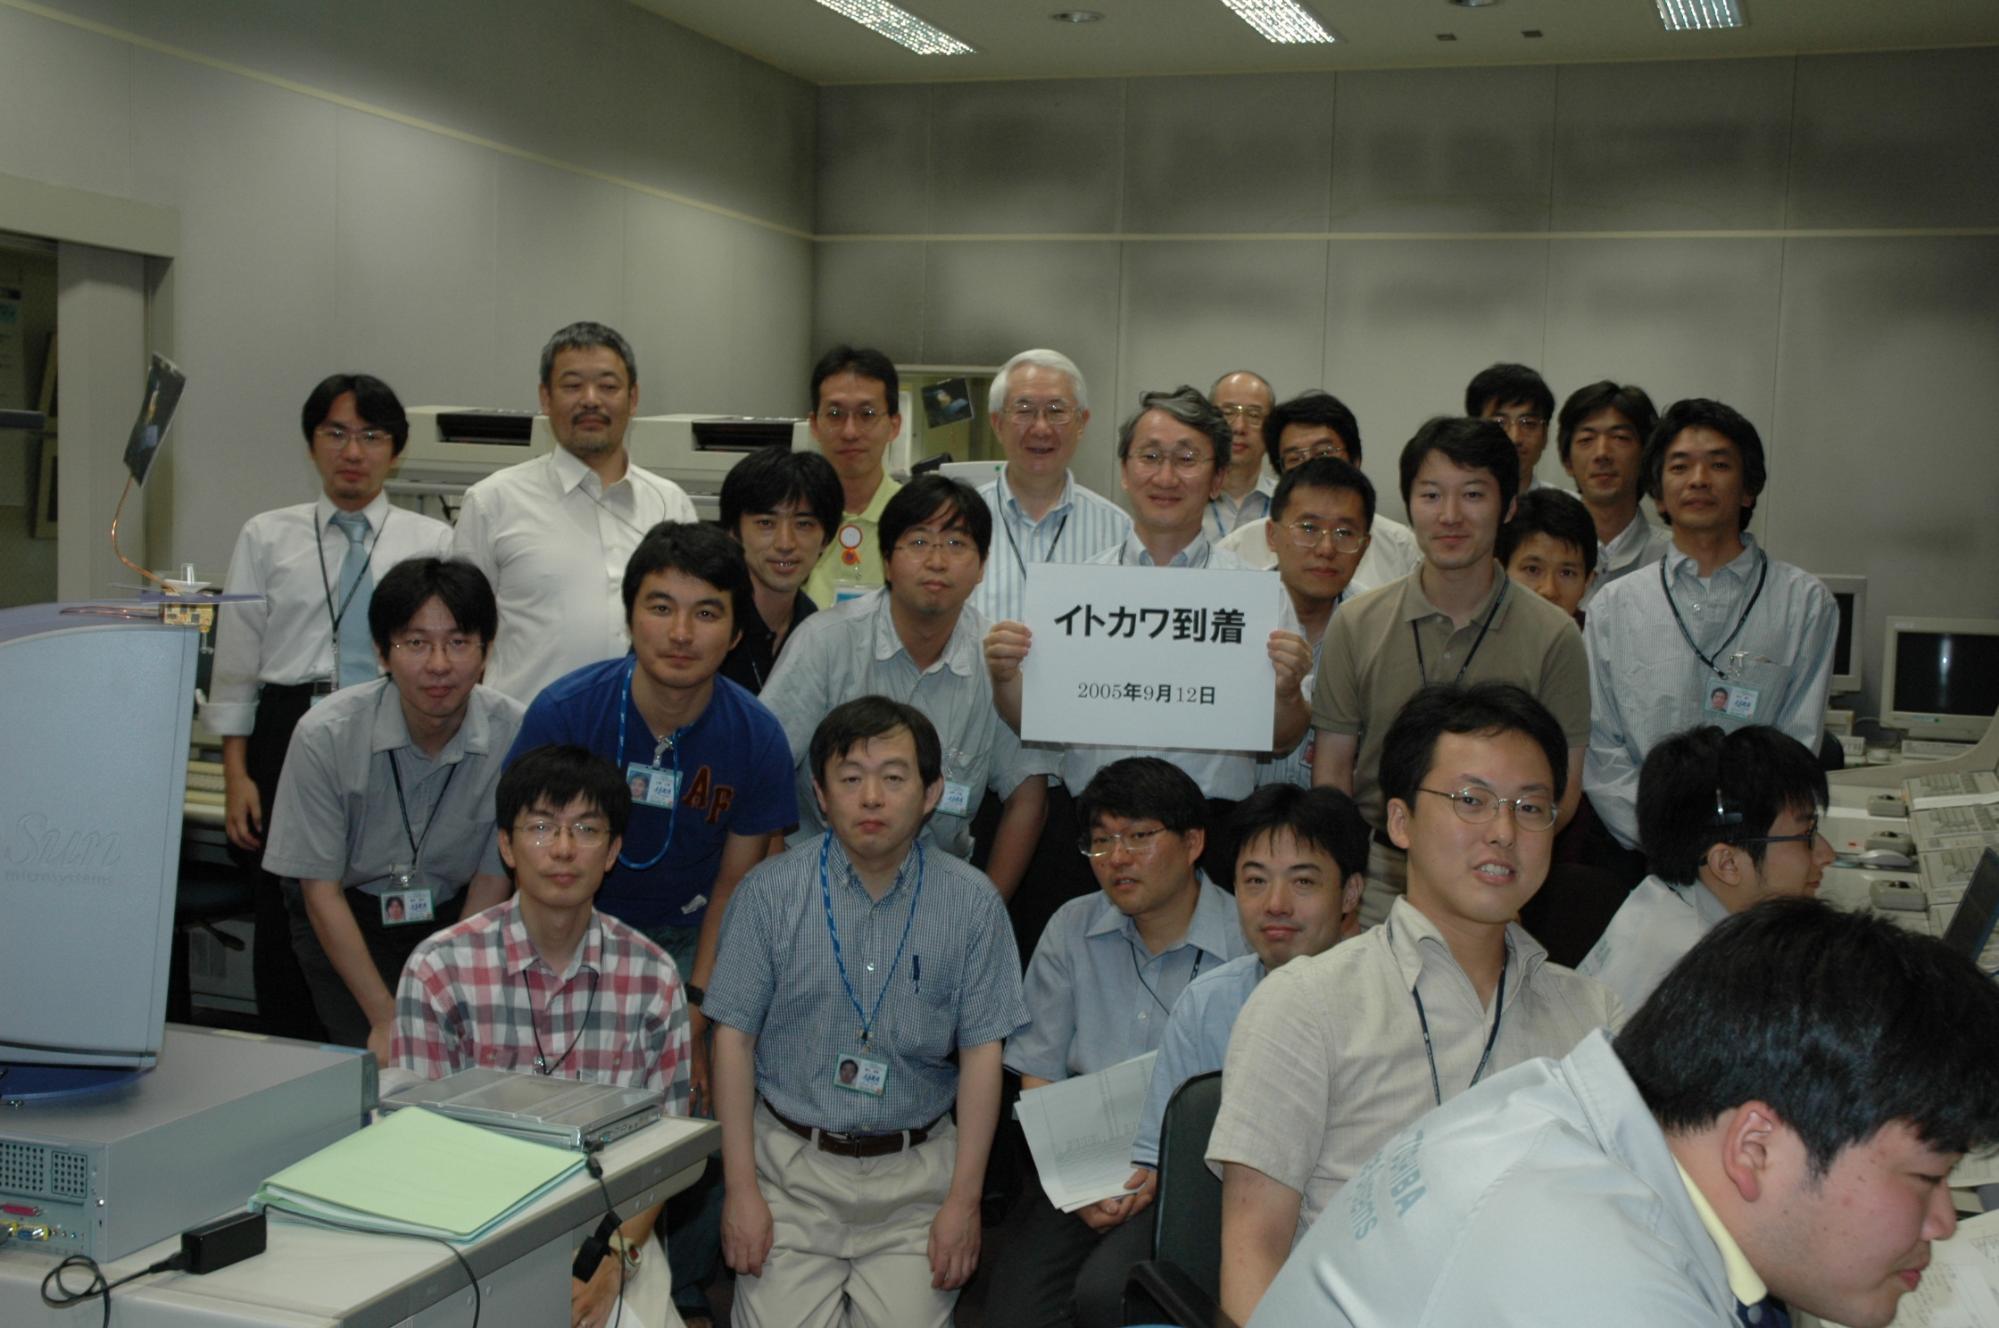 川口淳一郎さんとプロジェクトメンバーとの写真